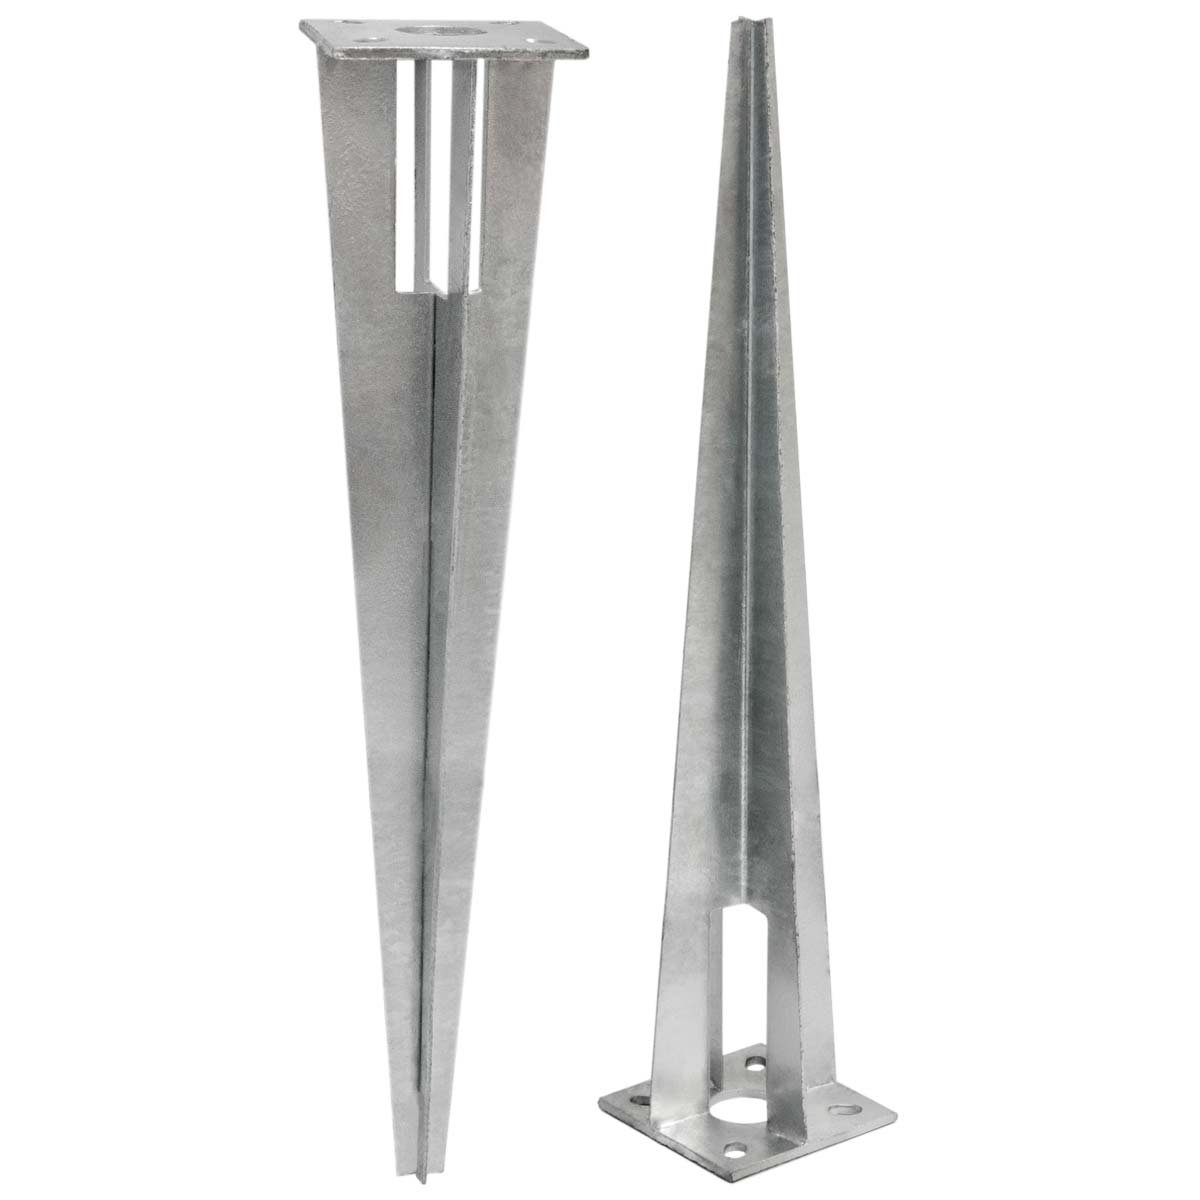 NIEDERBERG METALL Piquet en métal galvanisé env 50cm de long | idéal pour enfoncer et sécuriser au sol poteaux de clôtures de env Ø34mm | Argenté Omnideal